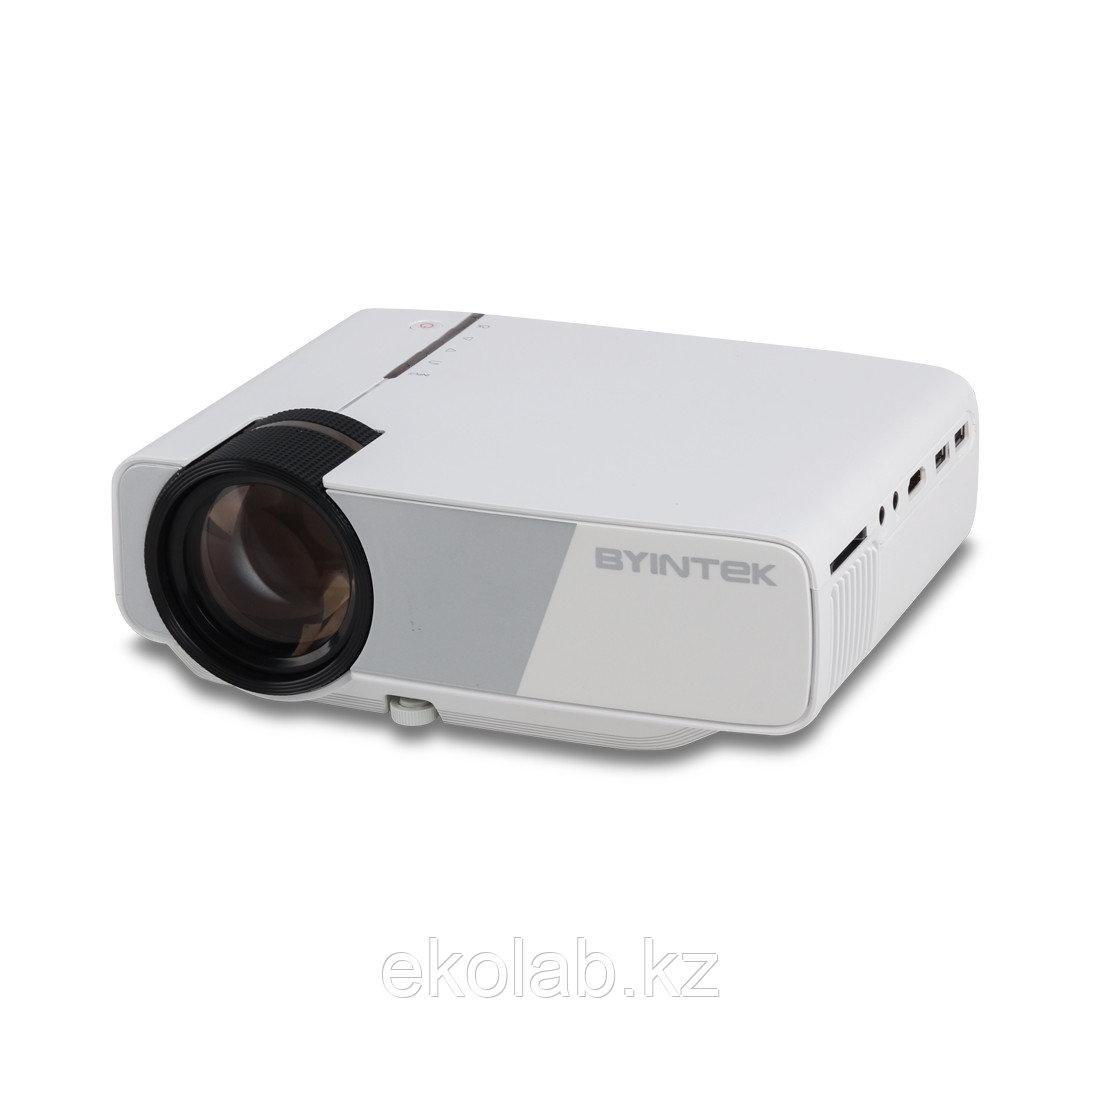 Проектор BYINTEK K1 Plus (800x480)